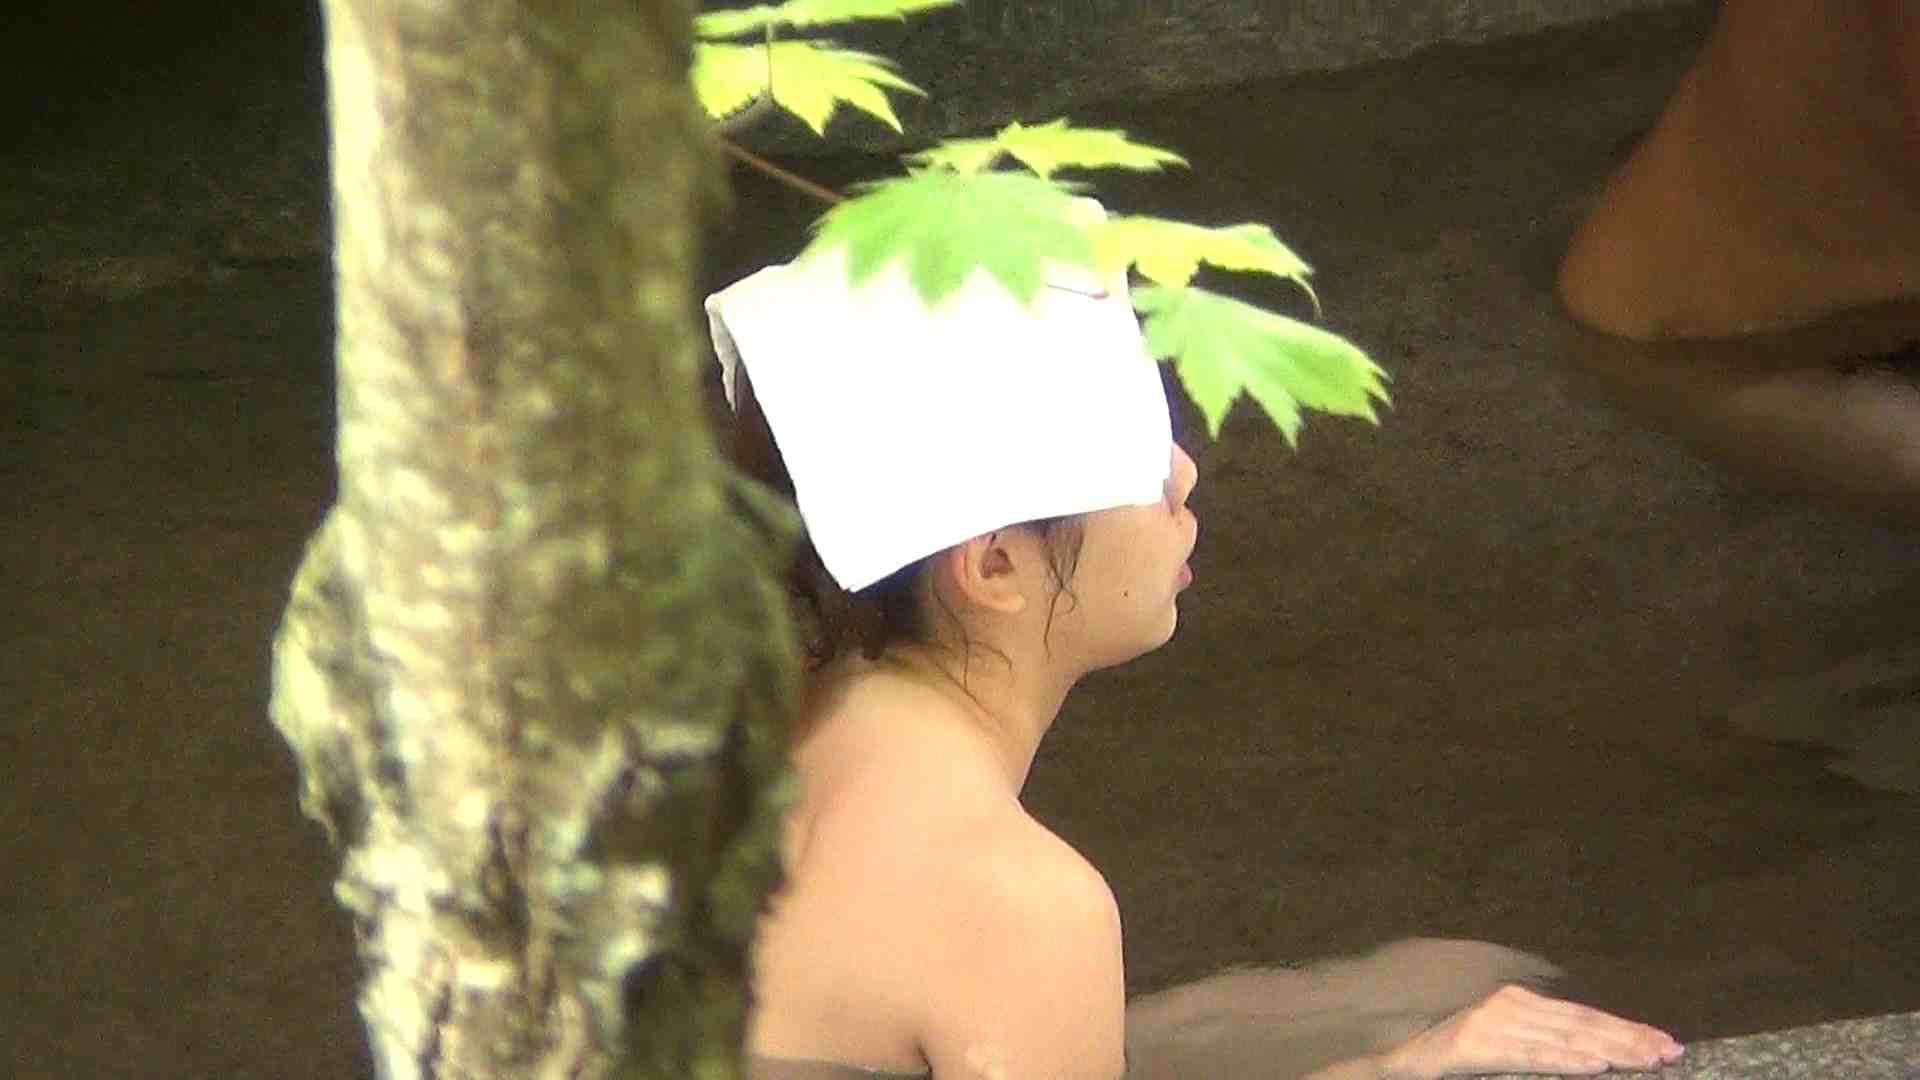 Aquaな露天風呂Vol.243 盗撮 | 露天  100pic 26